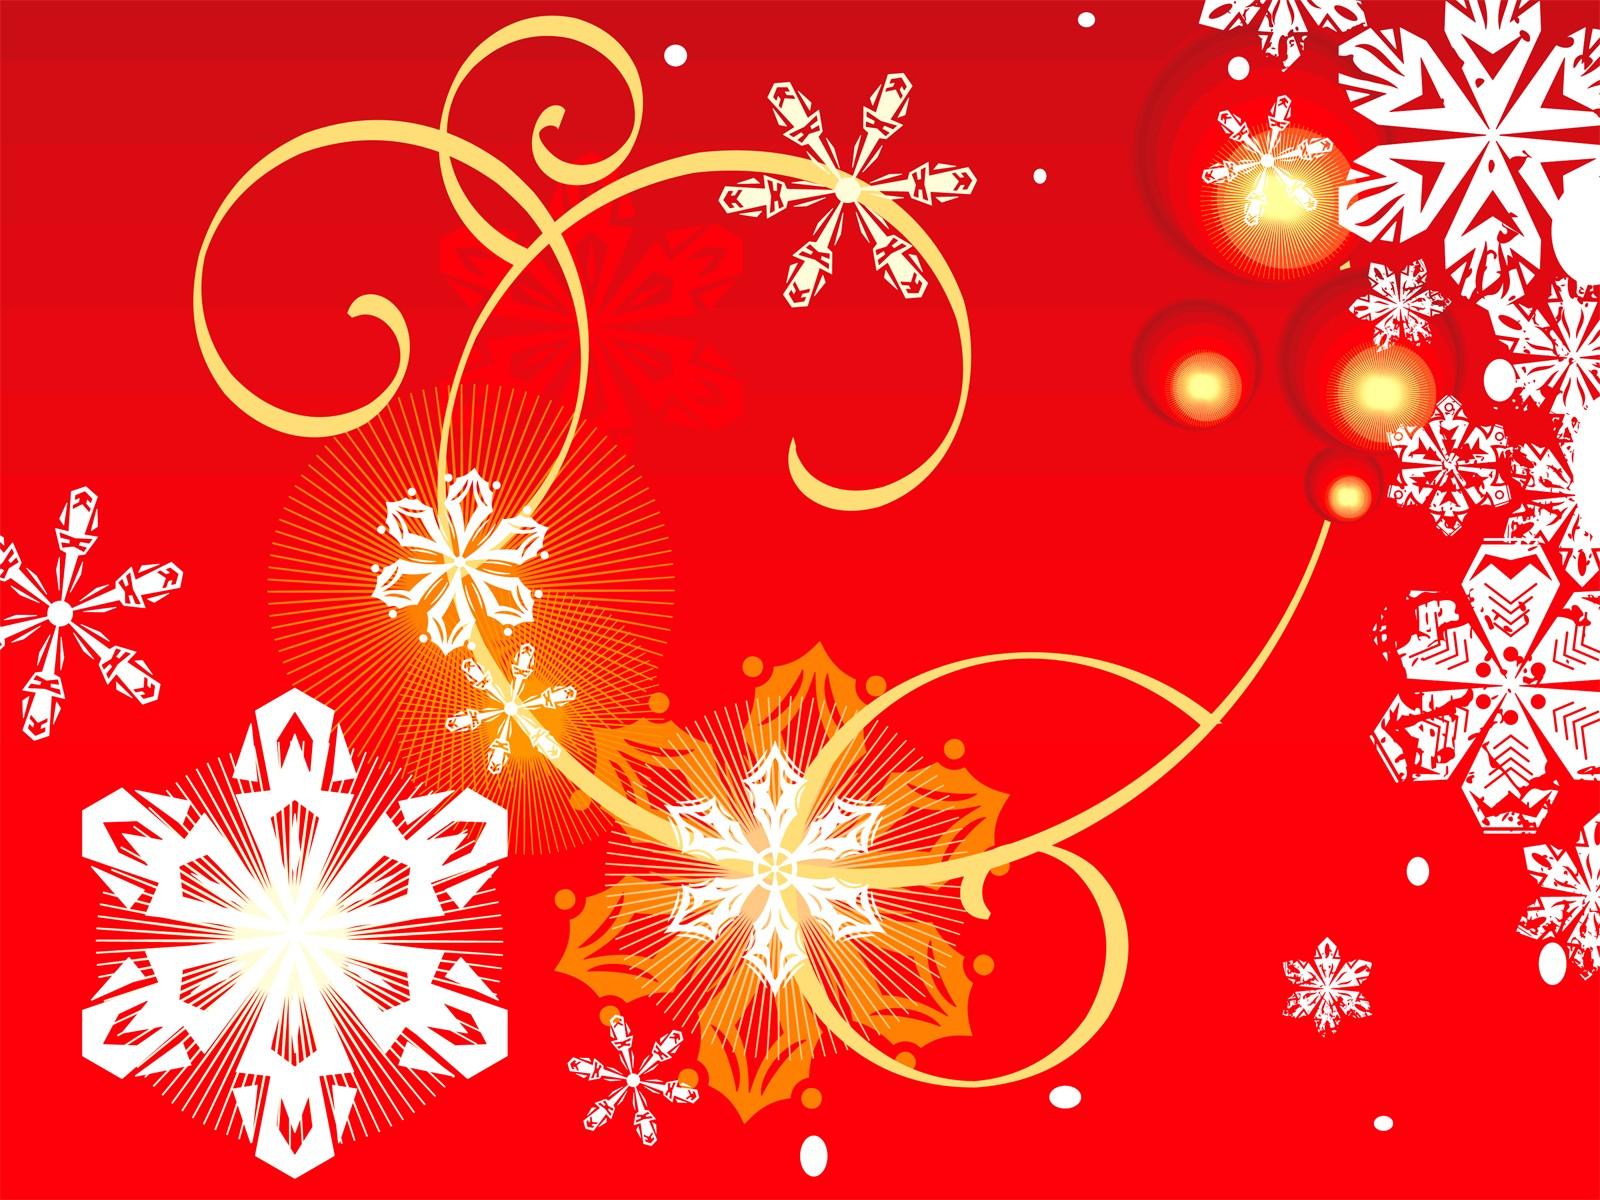 壁纸1600 215 1200圣诞节花纹设计 圣诞节简约线条图案壁纸 圣诞节简约矢量背景壁纸图片 节日壁纸 节日图片素材 桌面壁纸